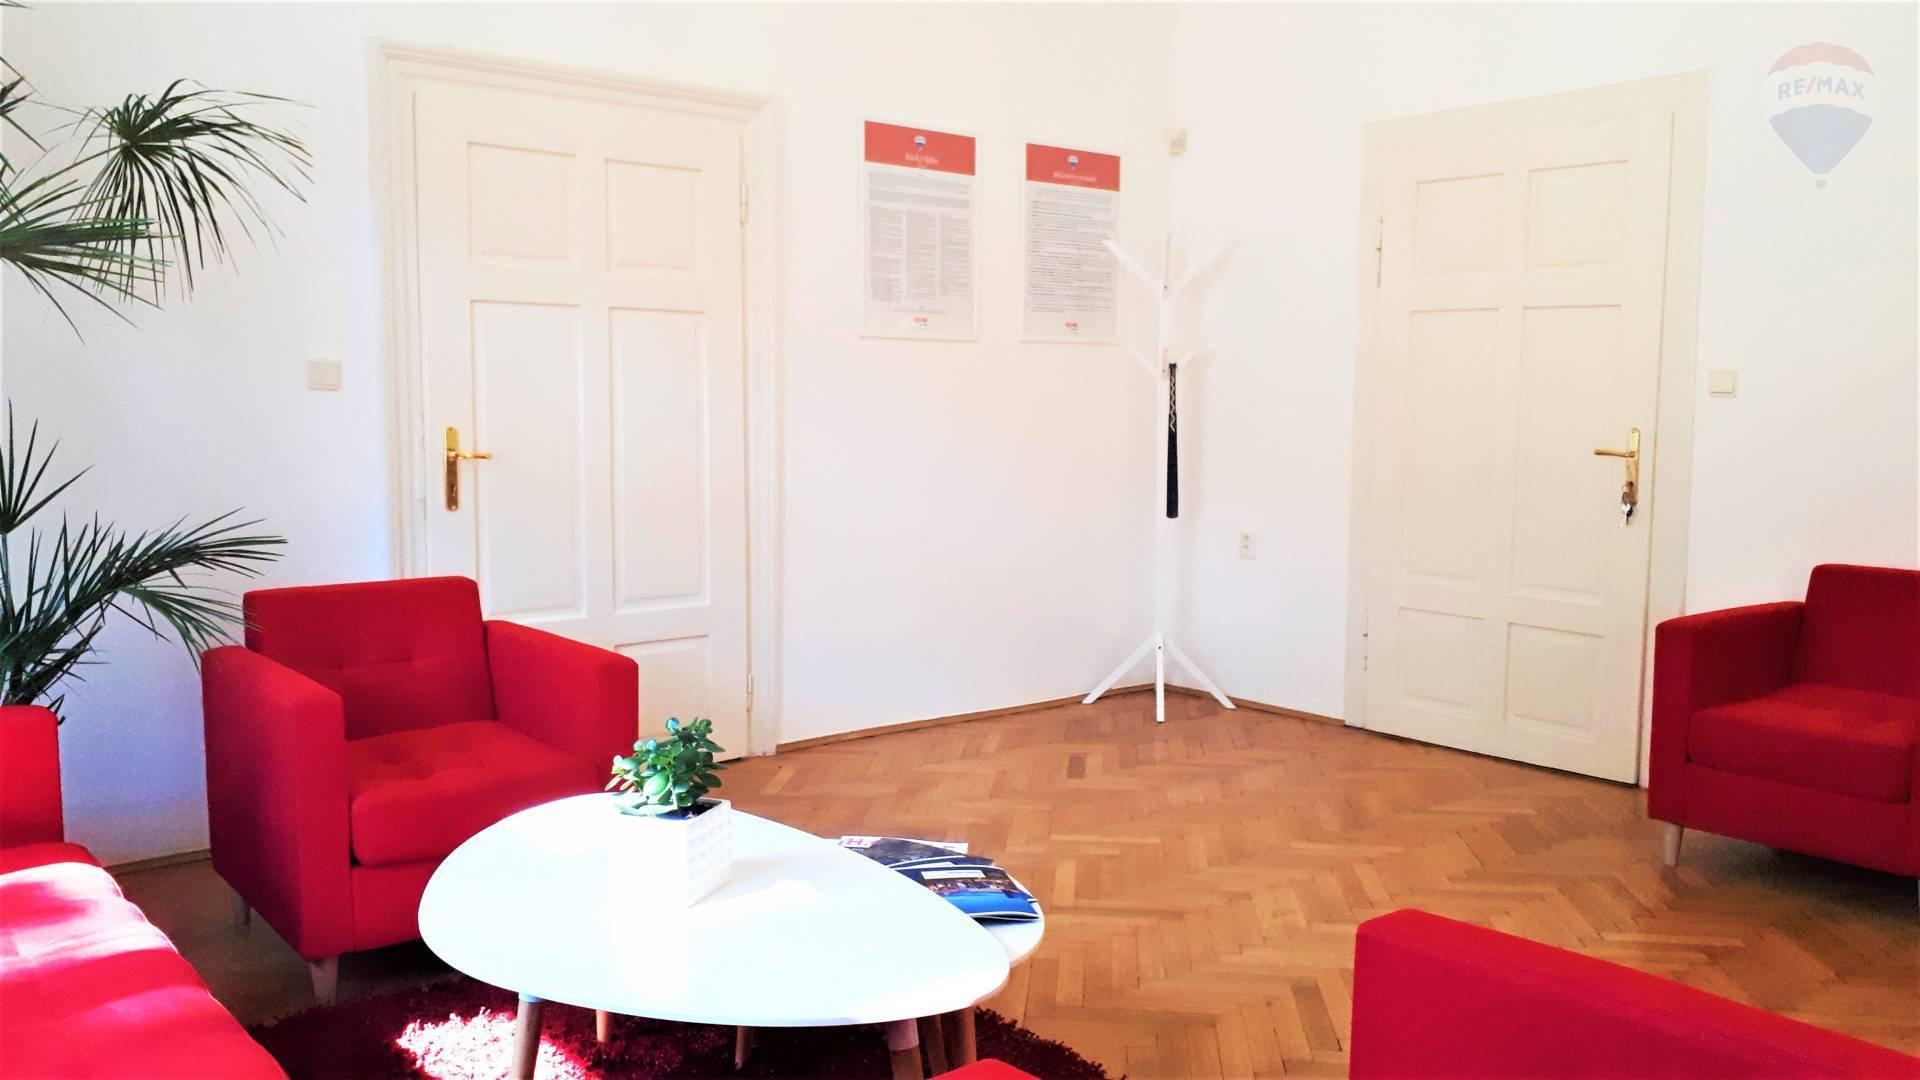 Prenájom komerčného priestoru 75 m2, Nitra - NA PRENÁJOM KANCELÁRSKY PRIESTOR NA HRADNOM KOPCI V NITRE, KRÁĽOVSKÁ CESTA